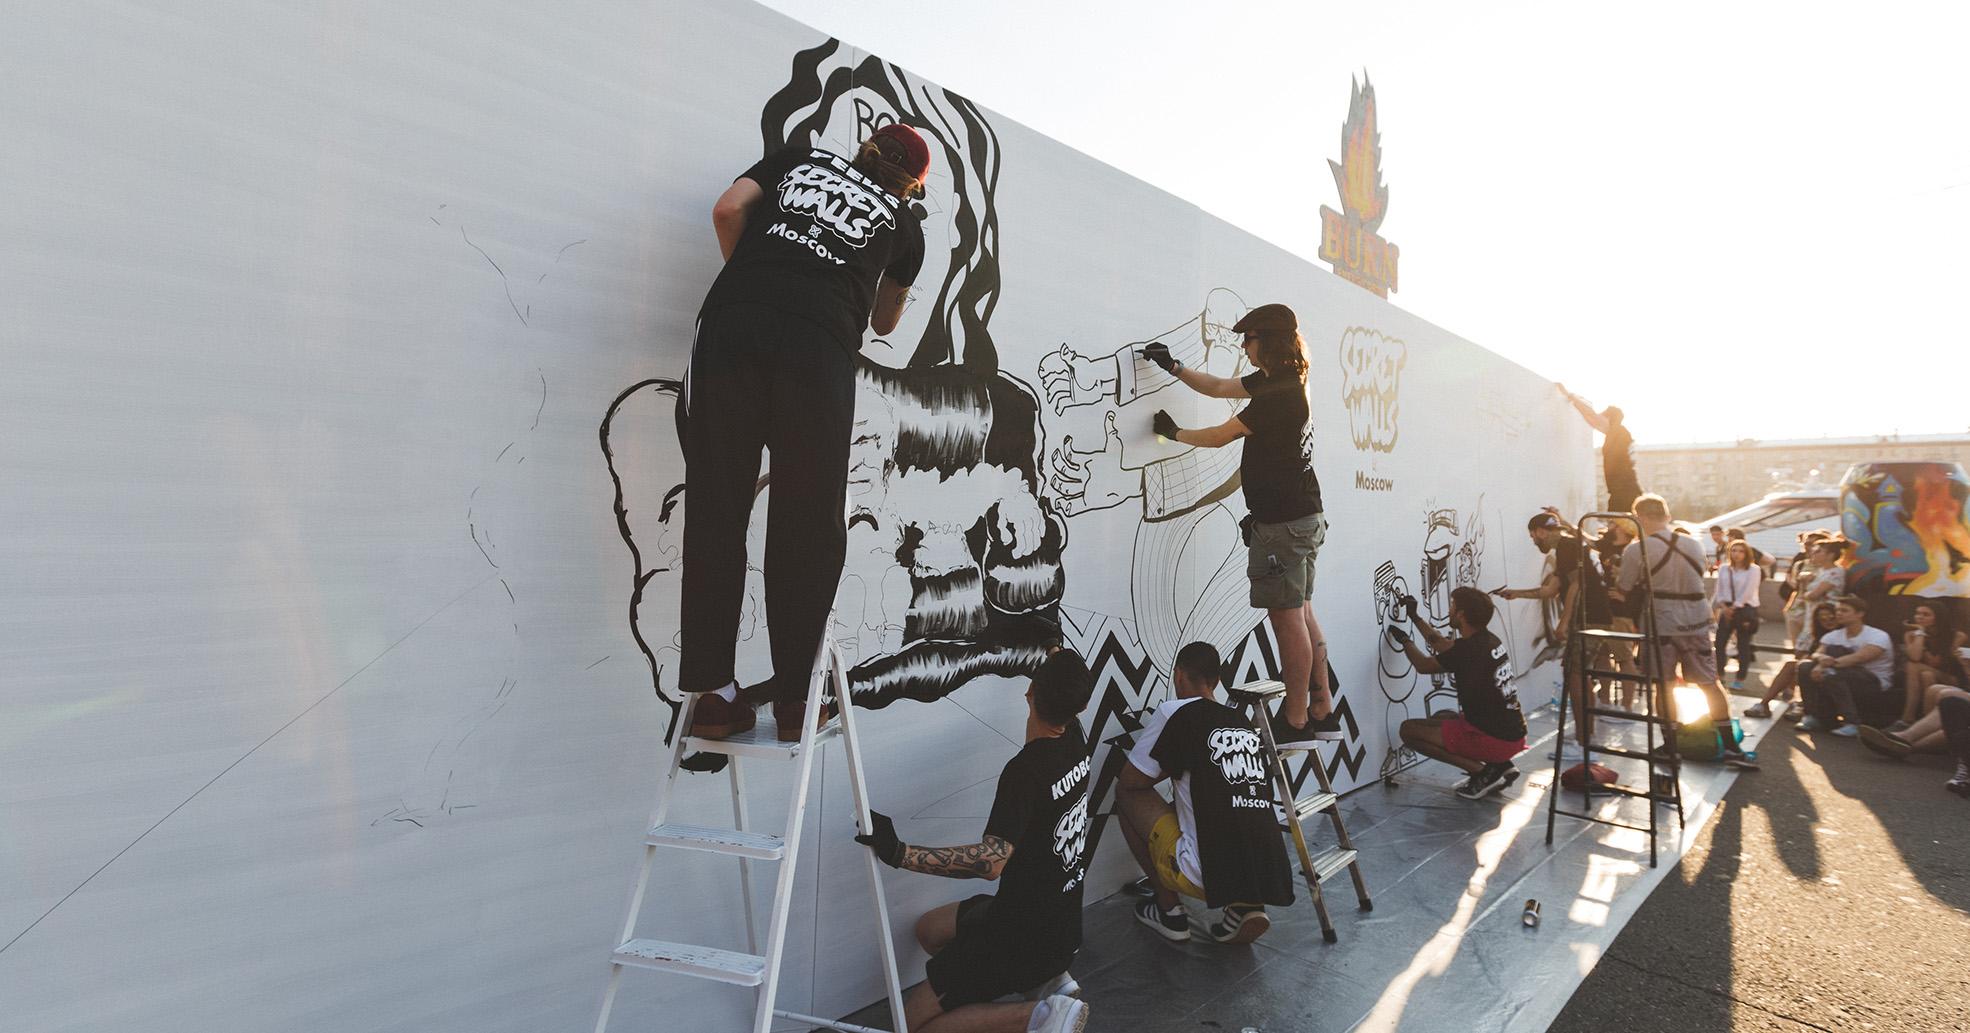 Faces&Laces: Как граффити-художники сделали городское событие с бесплатным входом и оборотом в 30 млн рублей